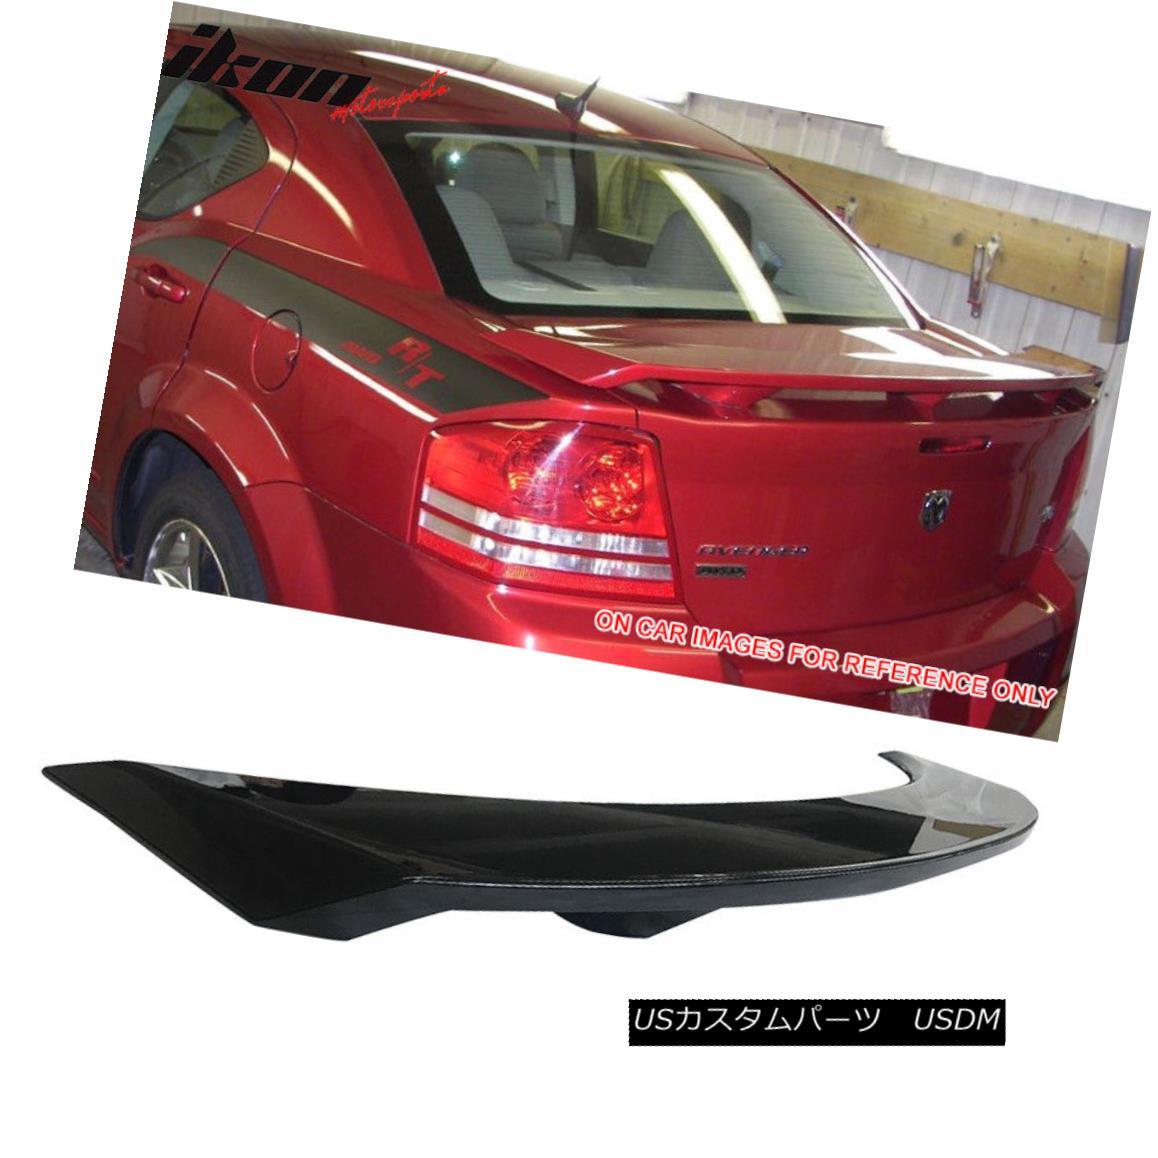 エアロパーツ Fits 08-14 Dodge Avenger Factory Style Trunk Spoiler Painted #PXR Black フィット08-14ダッジアヴェンジャーファクトリースタイルトランクスポイラー塗装#PXRブラック